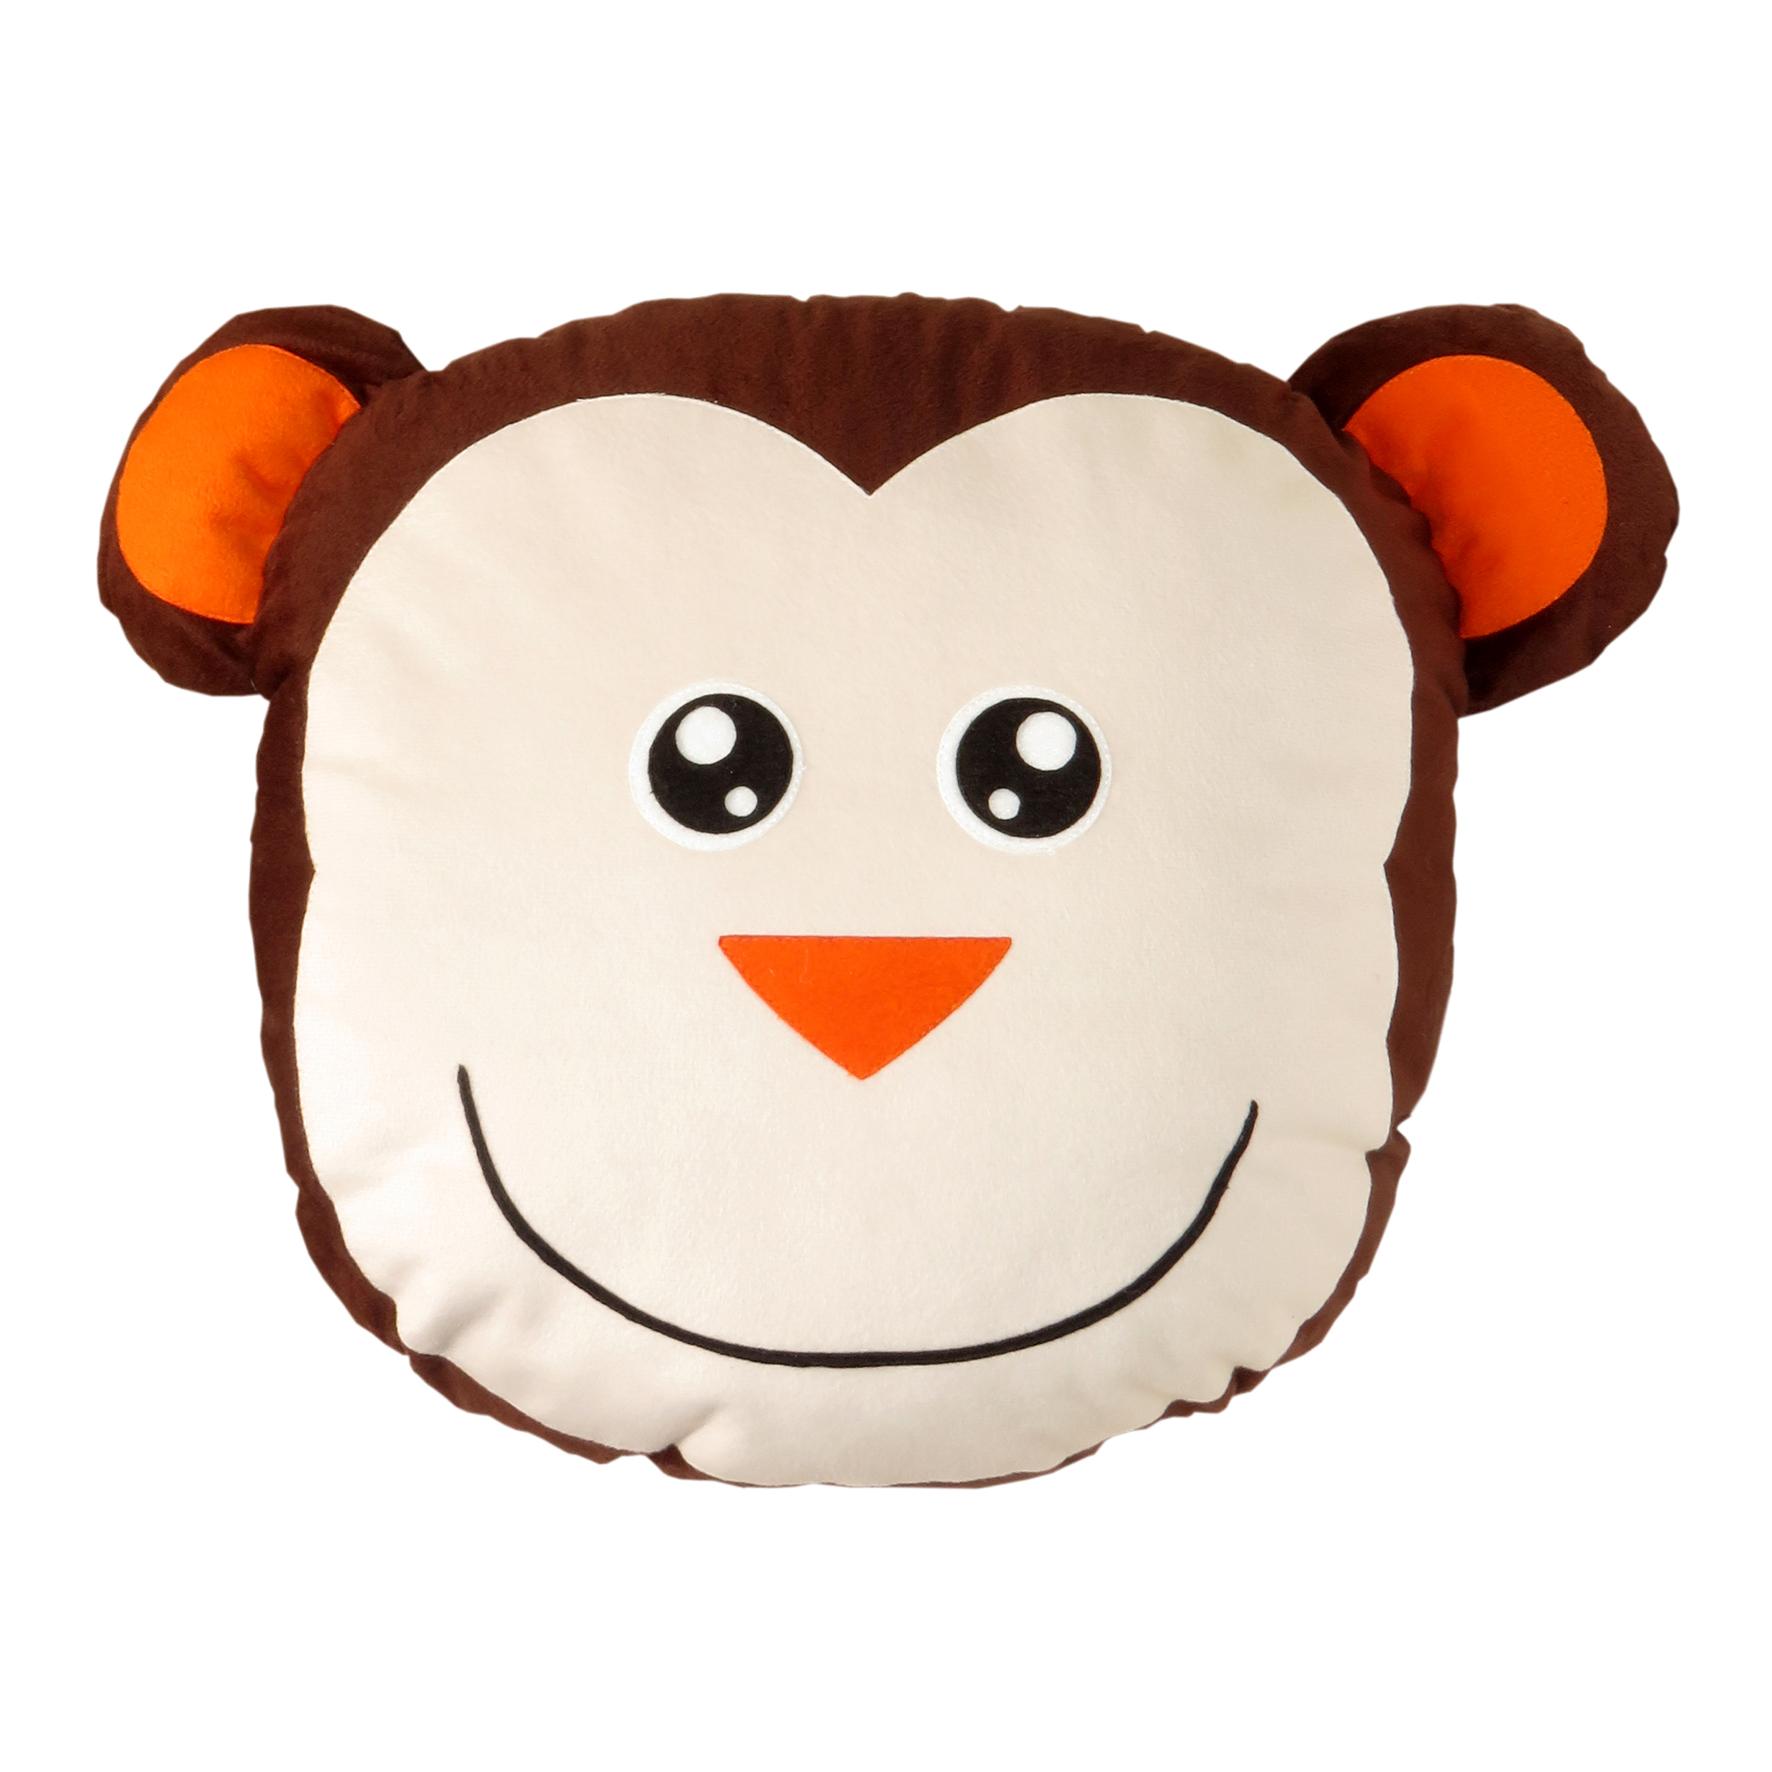 بالش کودک مدل میمون